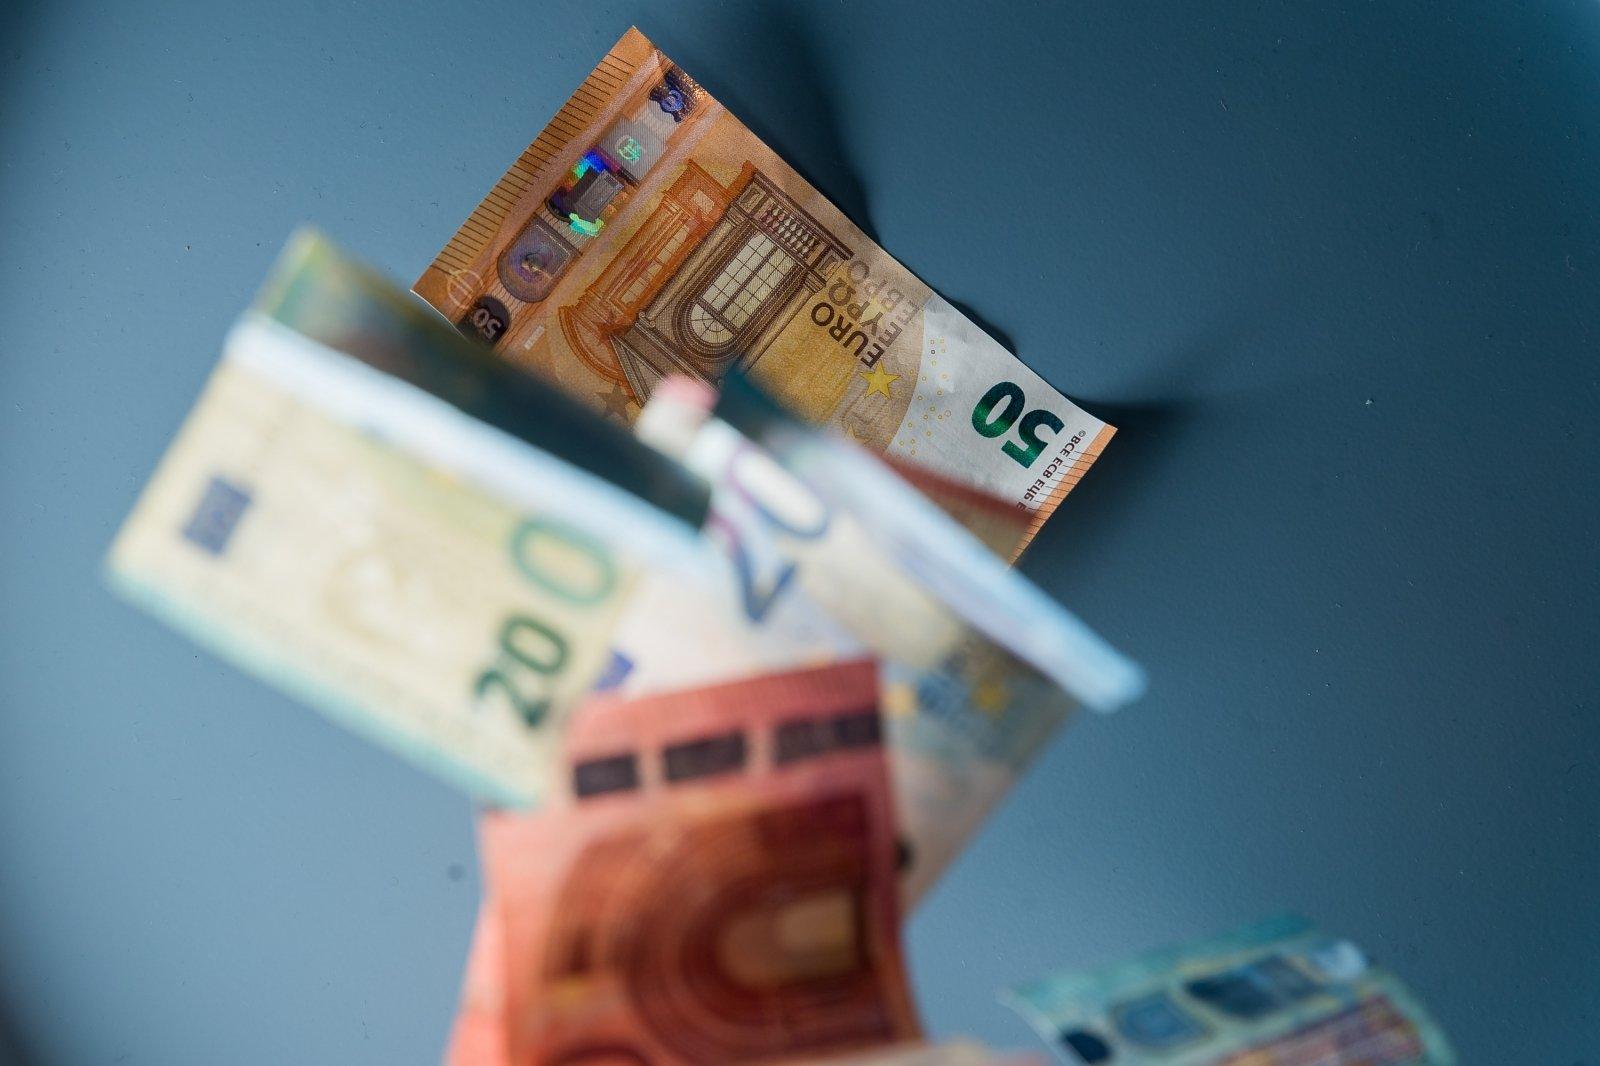 Užsidirbti pinigų internete nesąmonių, 8 priežastys, kodėl reikia uždirbti už straipsnius